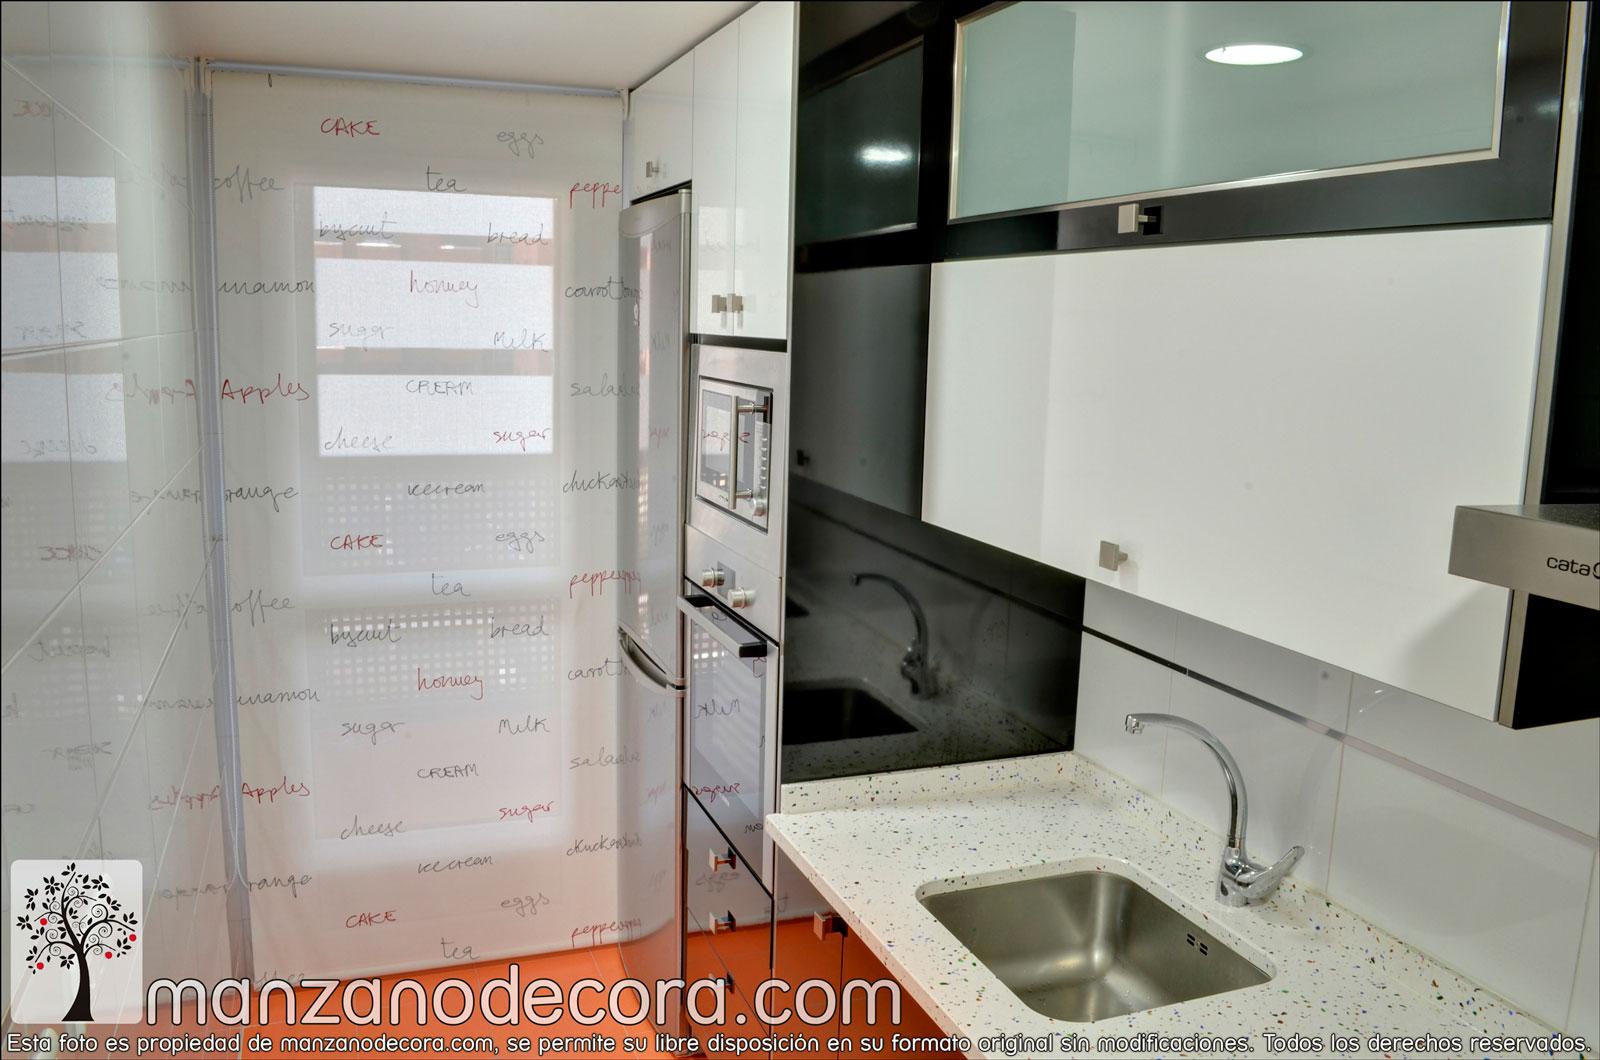 Estores cortinas manzanodecora - Estores para puertas de cocina ...